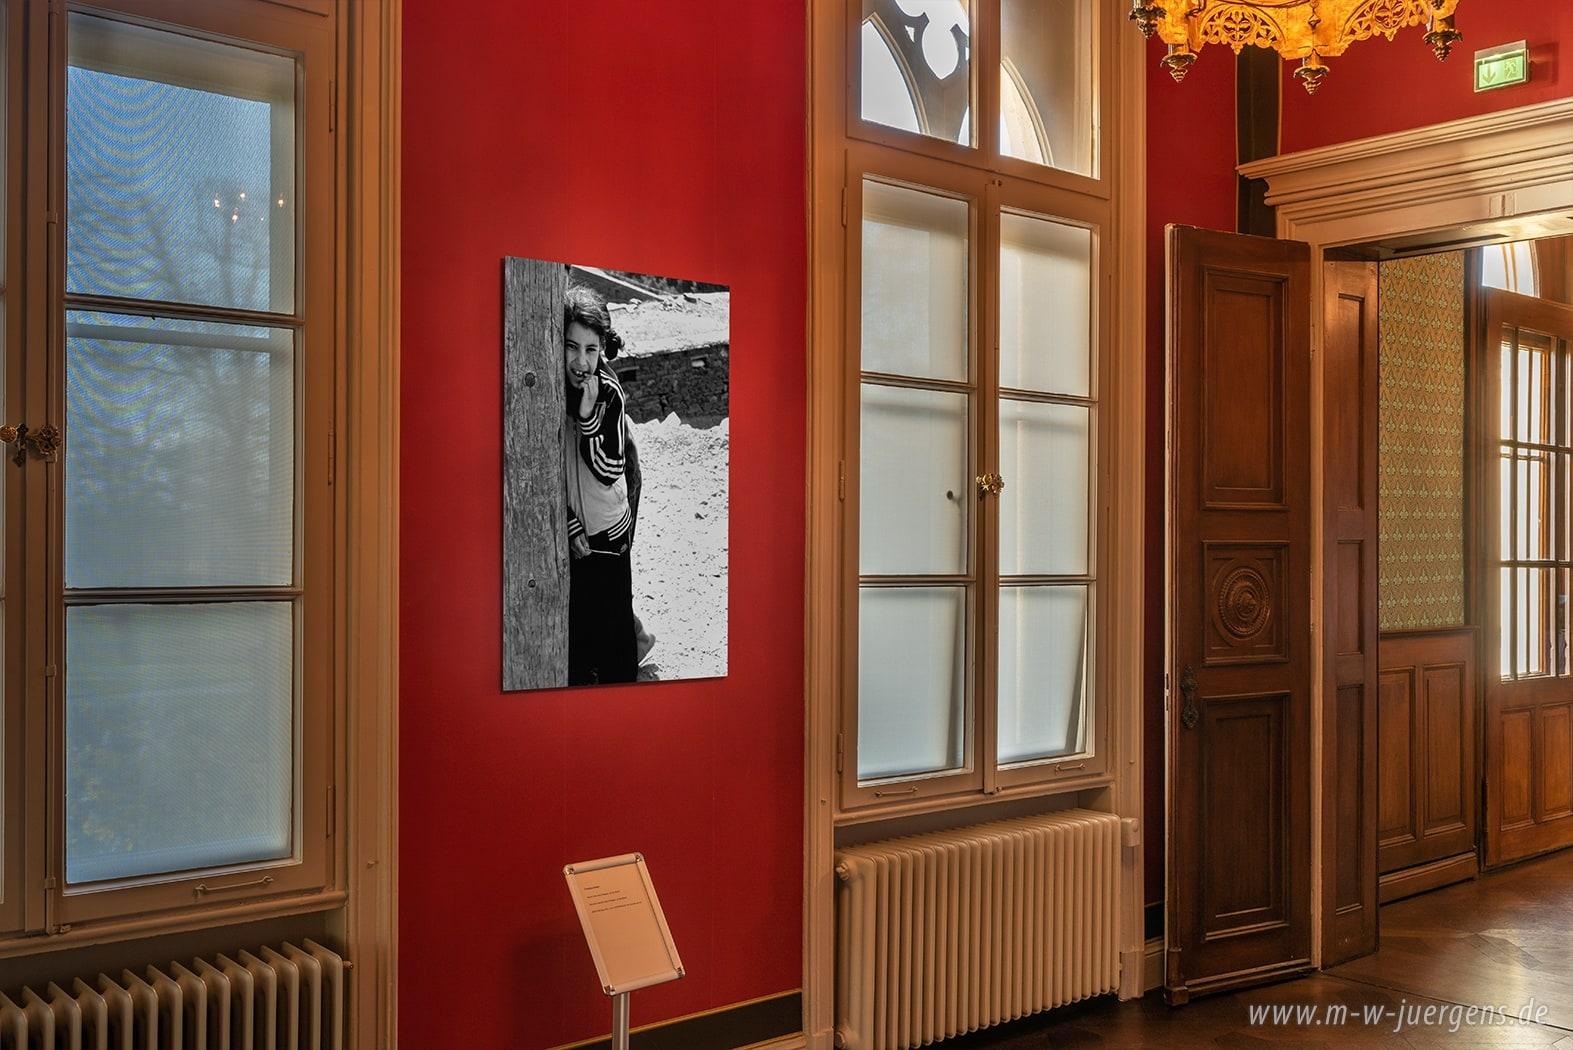 Neuer Realismus Malerei Kunst, Schloss Evenburg Leer Loga, Ausstellungen Ausstellung, Sonderausstellung Sonderausstellungen, Kunst in Ostfriesland, Fotografie Malerei, Katharina John Manfred W. Jürgens, Auf Augenhöhe